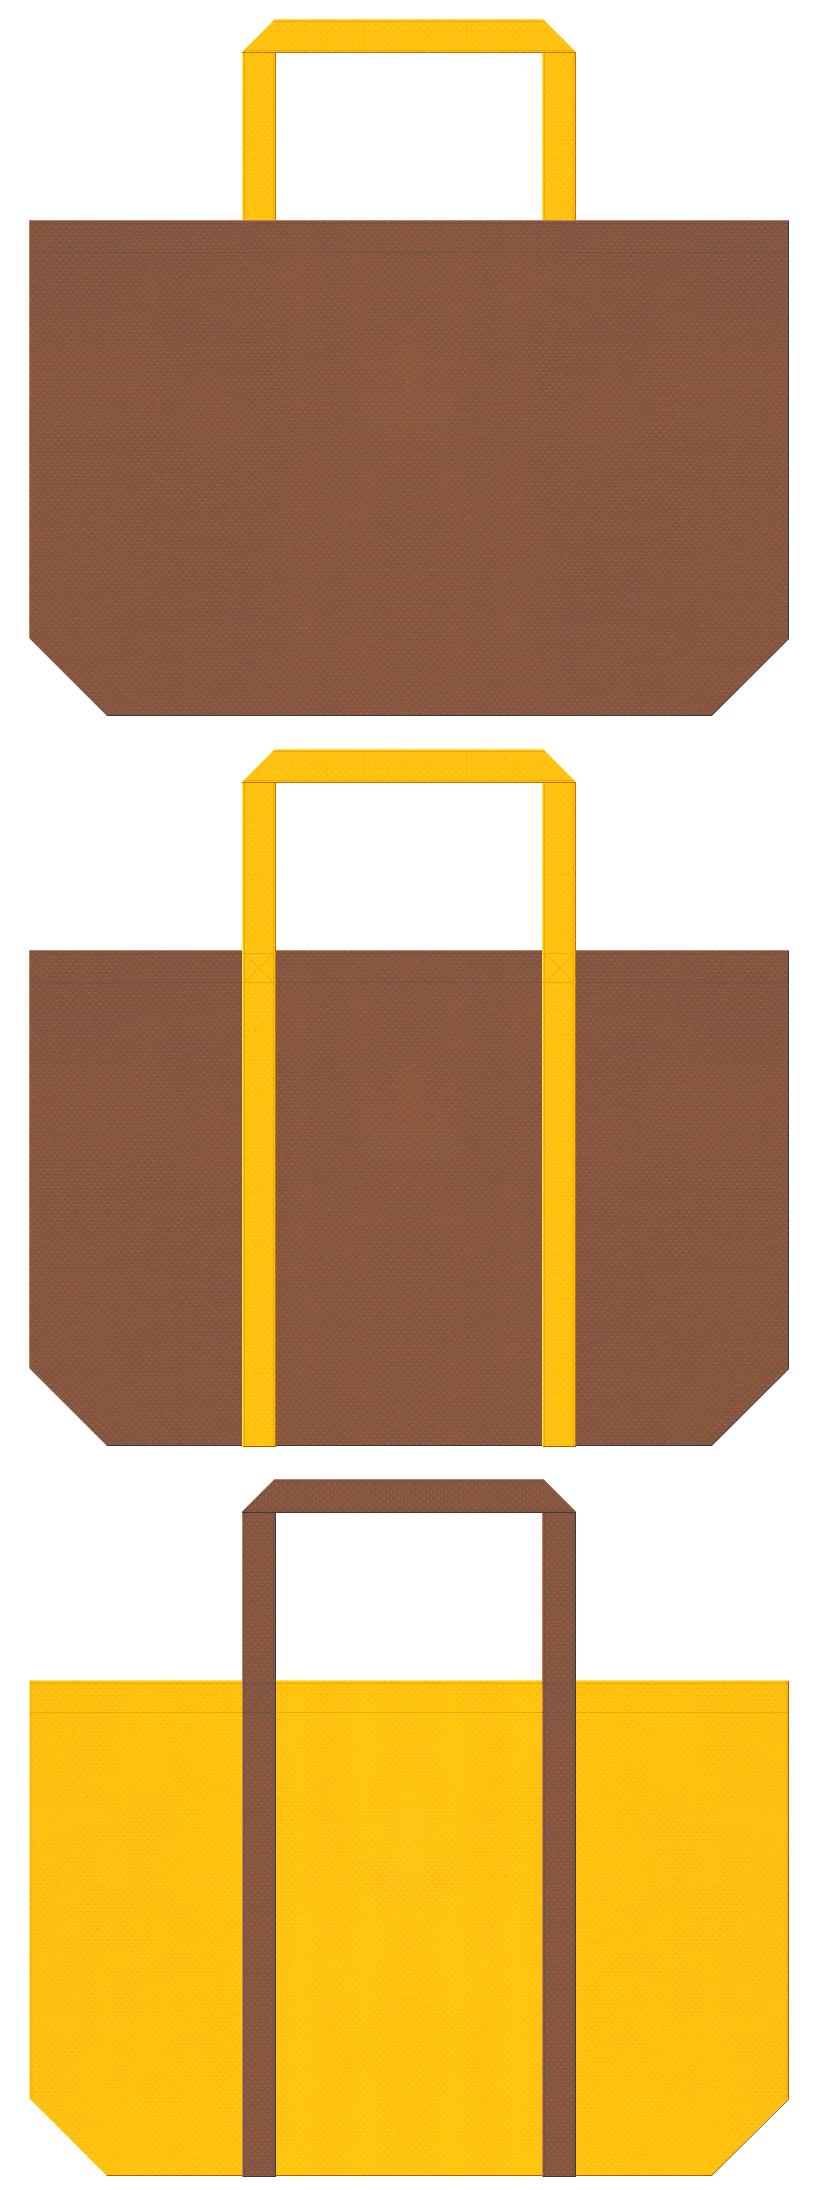 養蜂場・はちみつ・いちょうの木・サラダ油・フライヤー・バーベキュー・キャンプ用品・キッチン用品・和菓子・焼きいも・スイートポテト・ロールケーキ・カステラ・マロンケーキ・和菓子・スイーツ・ベーカリーのショッピングバッグにお奨めの不織布バッグデザイン:茶色と黄色のコーデ